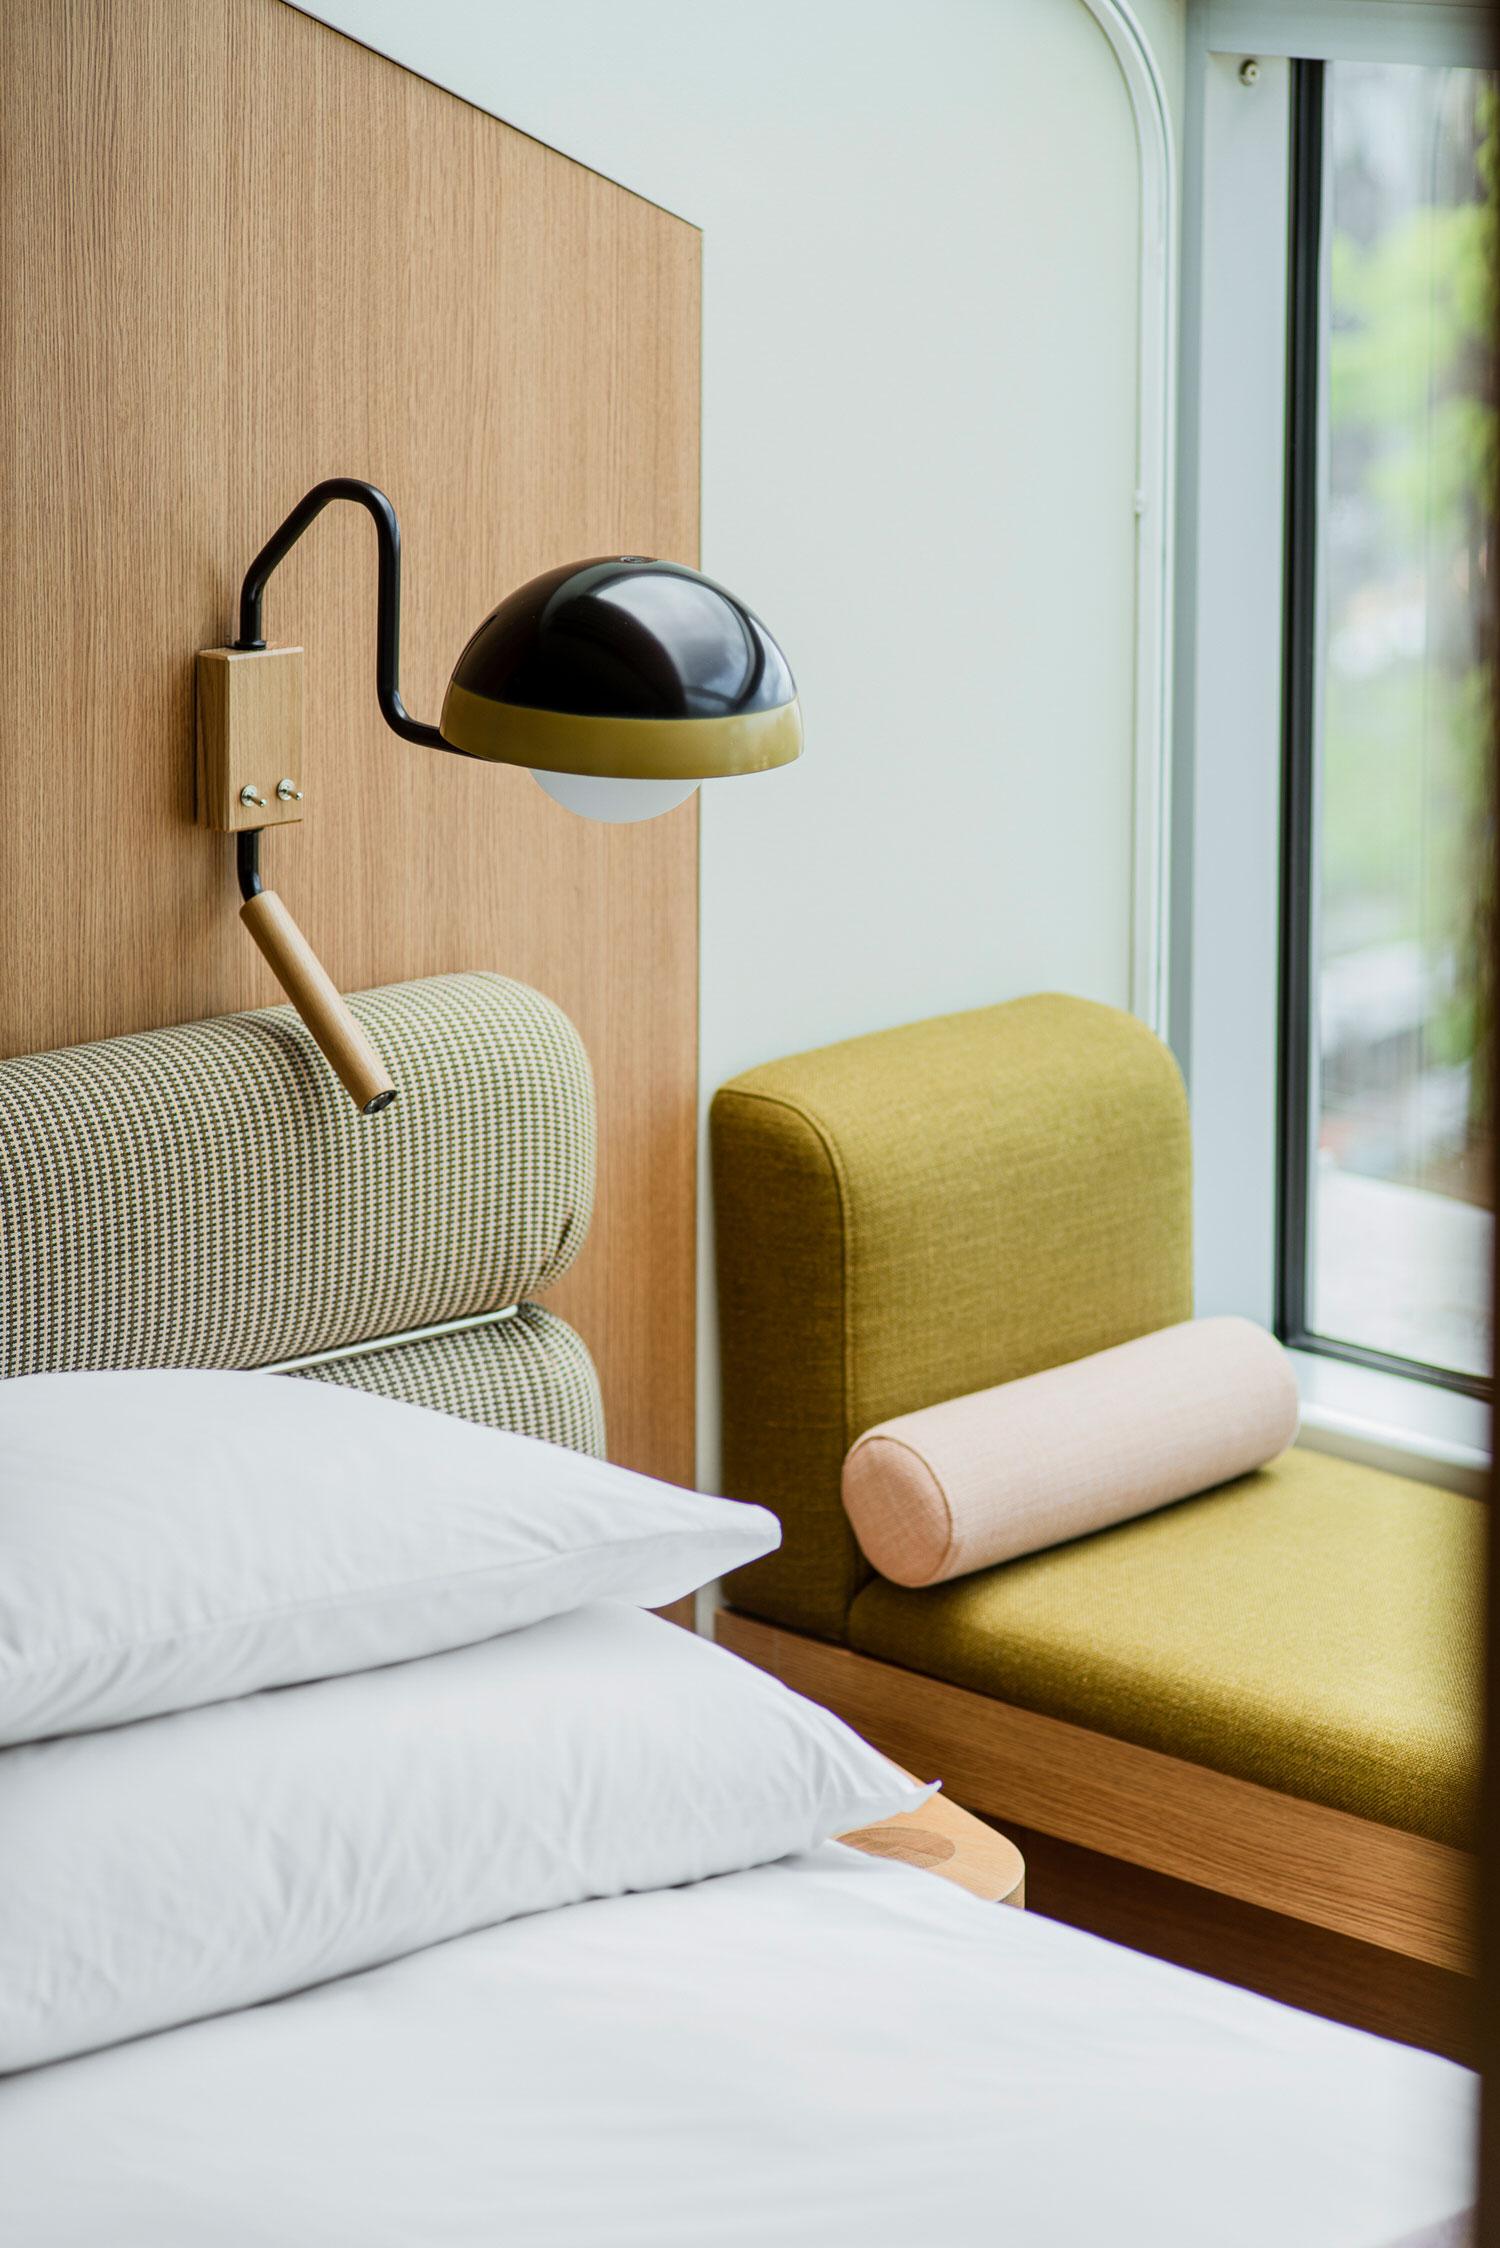 Paradowski Studio Puro Hotel Krakow Photo Pion Studio Yellowtrace 53